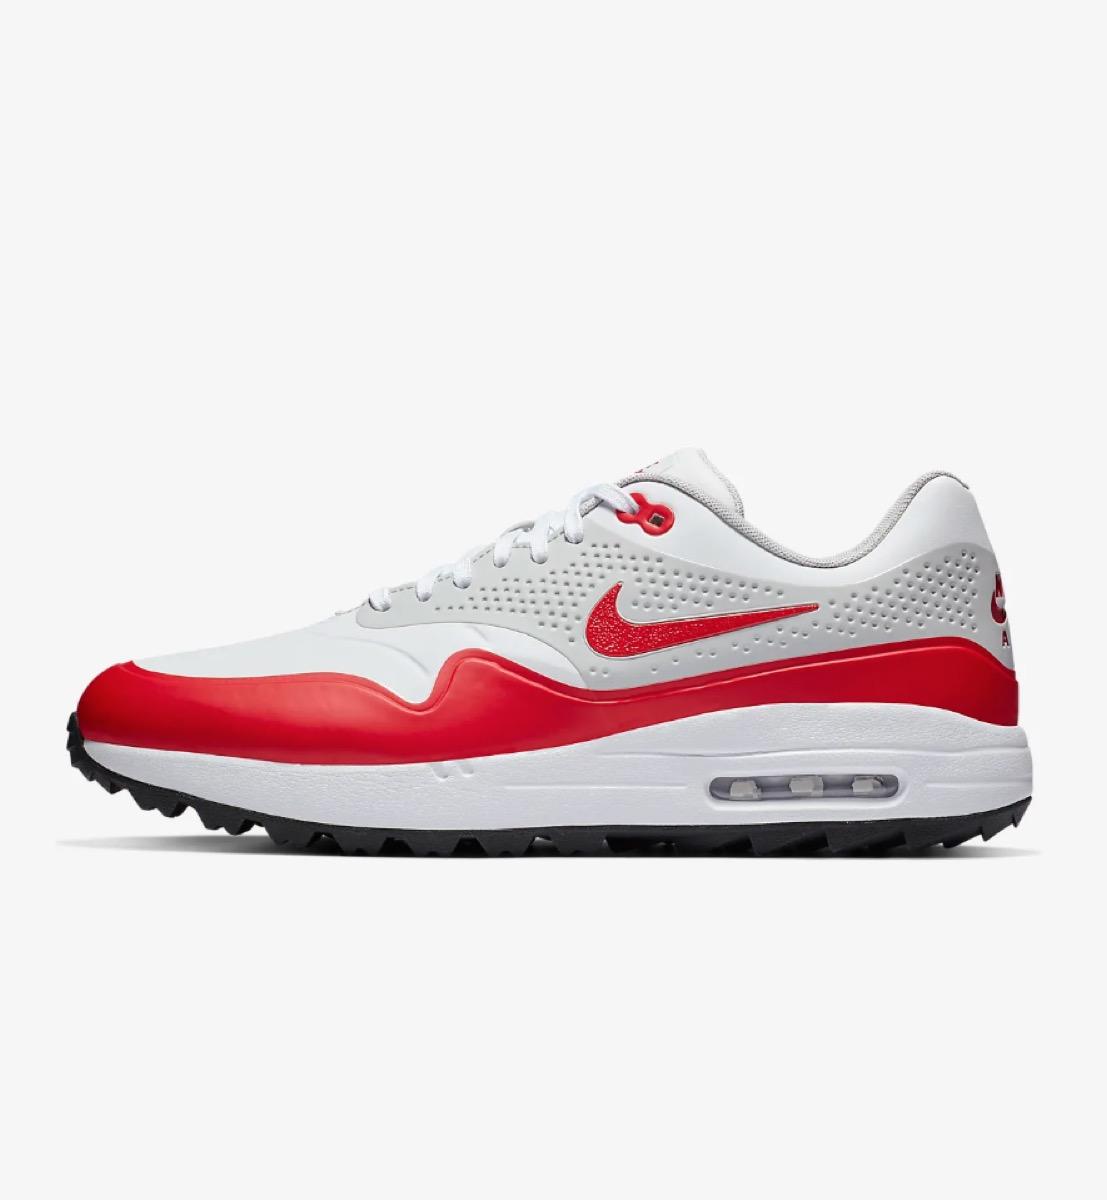 Nike Air Max Golf